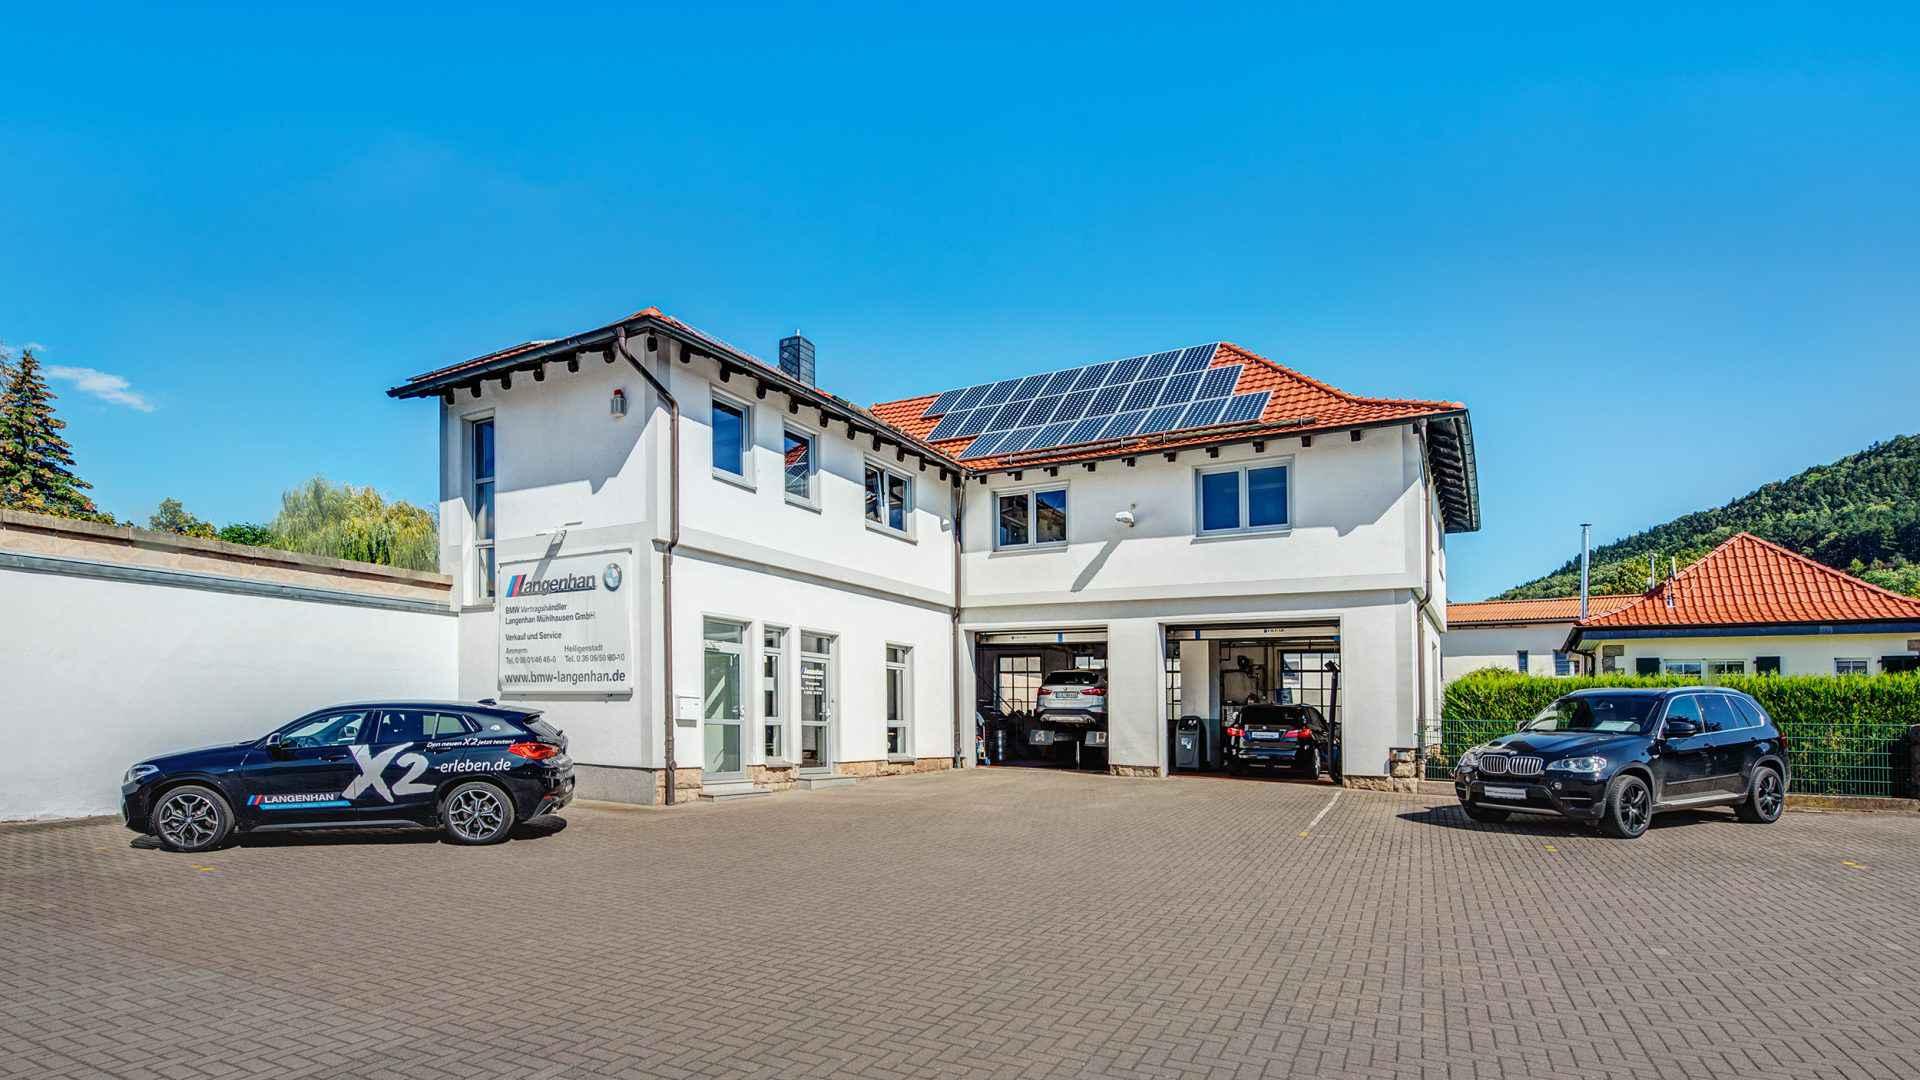 Kontakt, Übersicht, Gebrauchtwagenautohaus Heiligenstadt, Kontakt, Übersicht, Langenhan Gruppe, Autohaus Langenhan GmbH